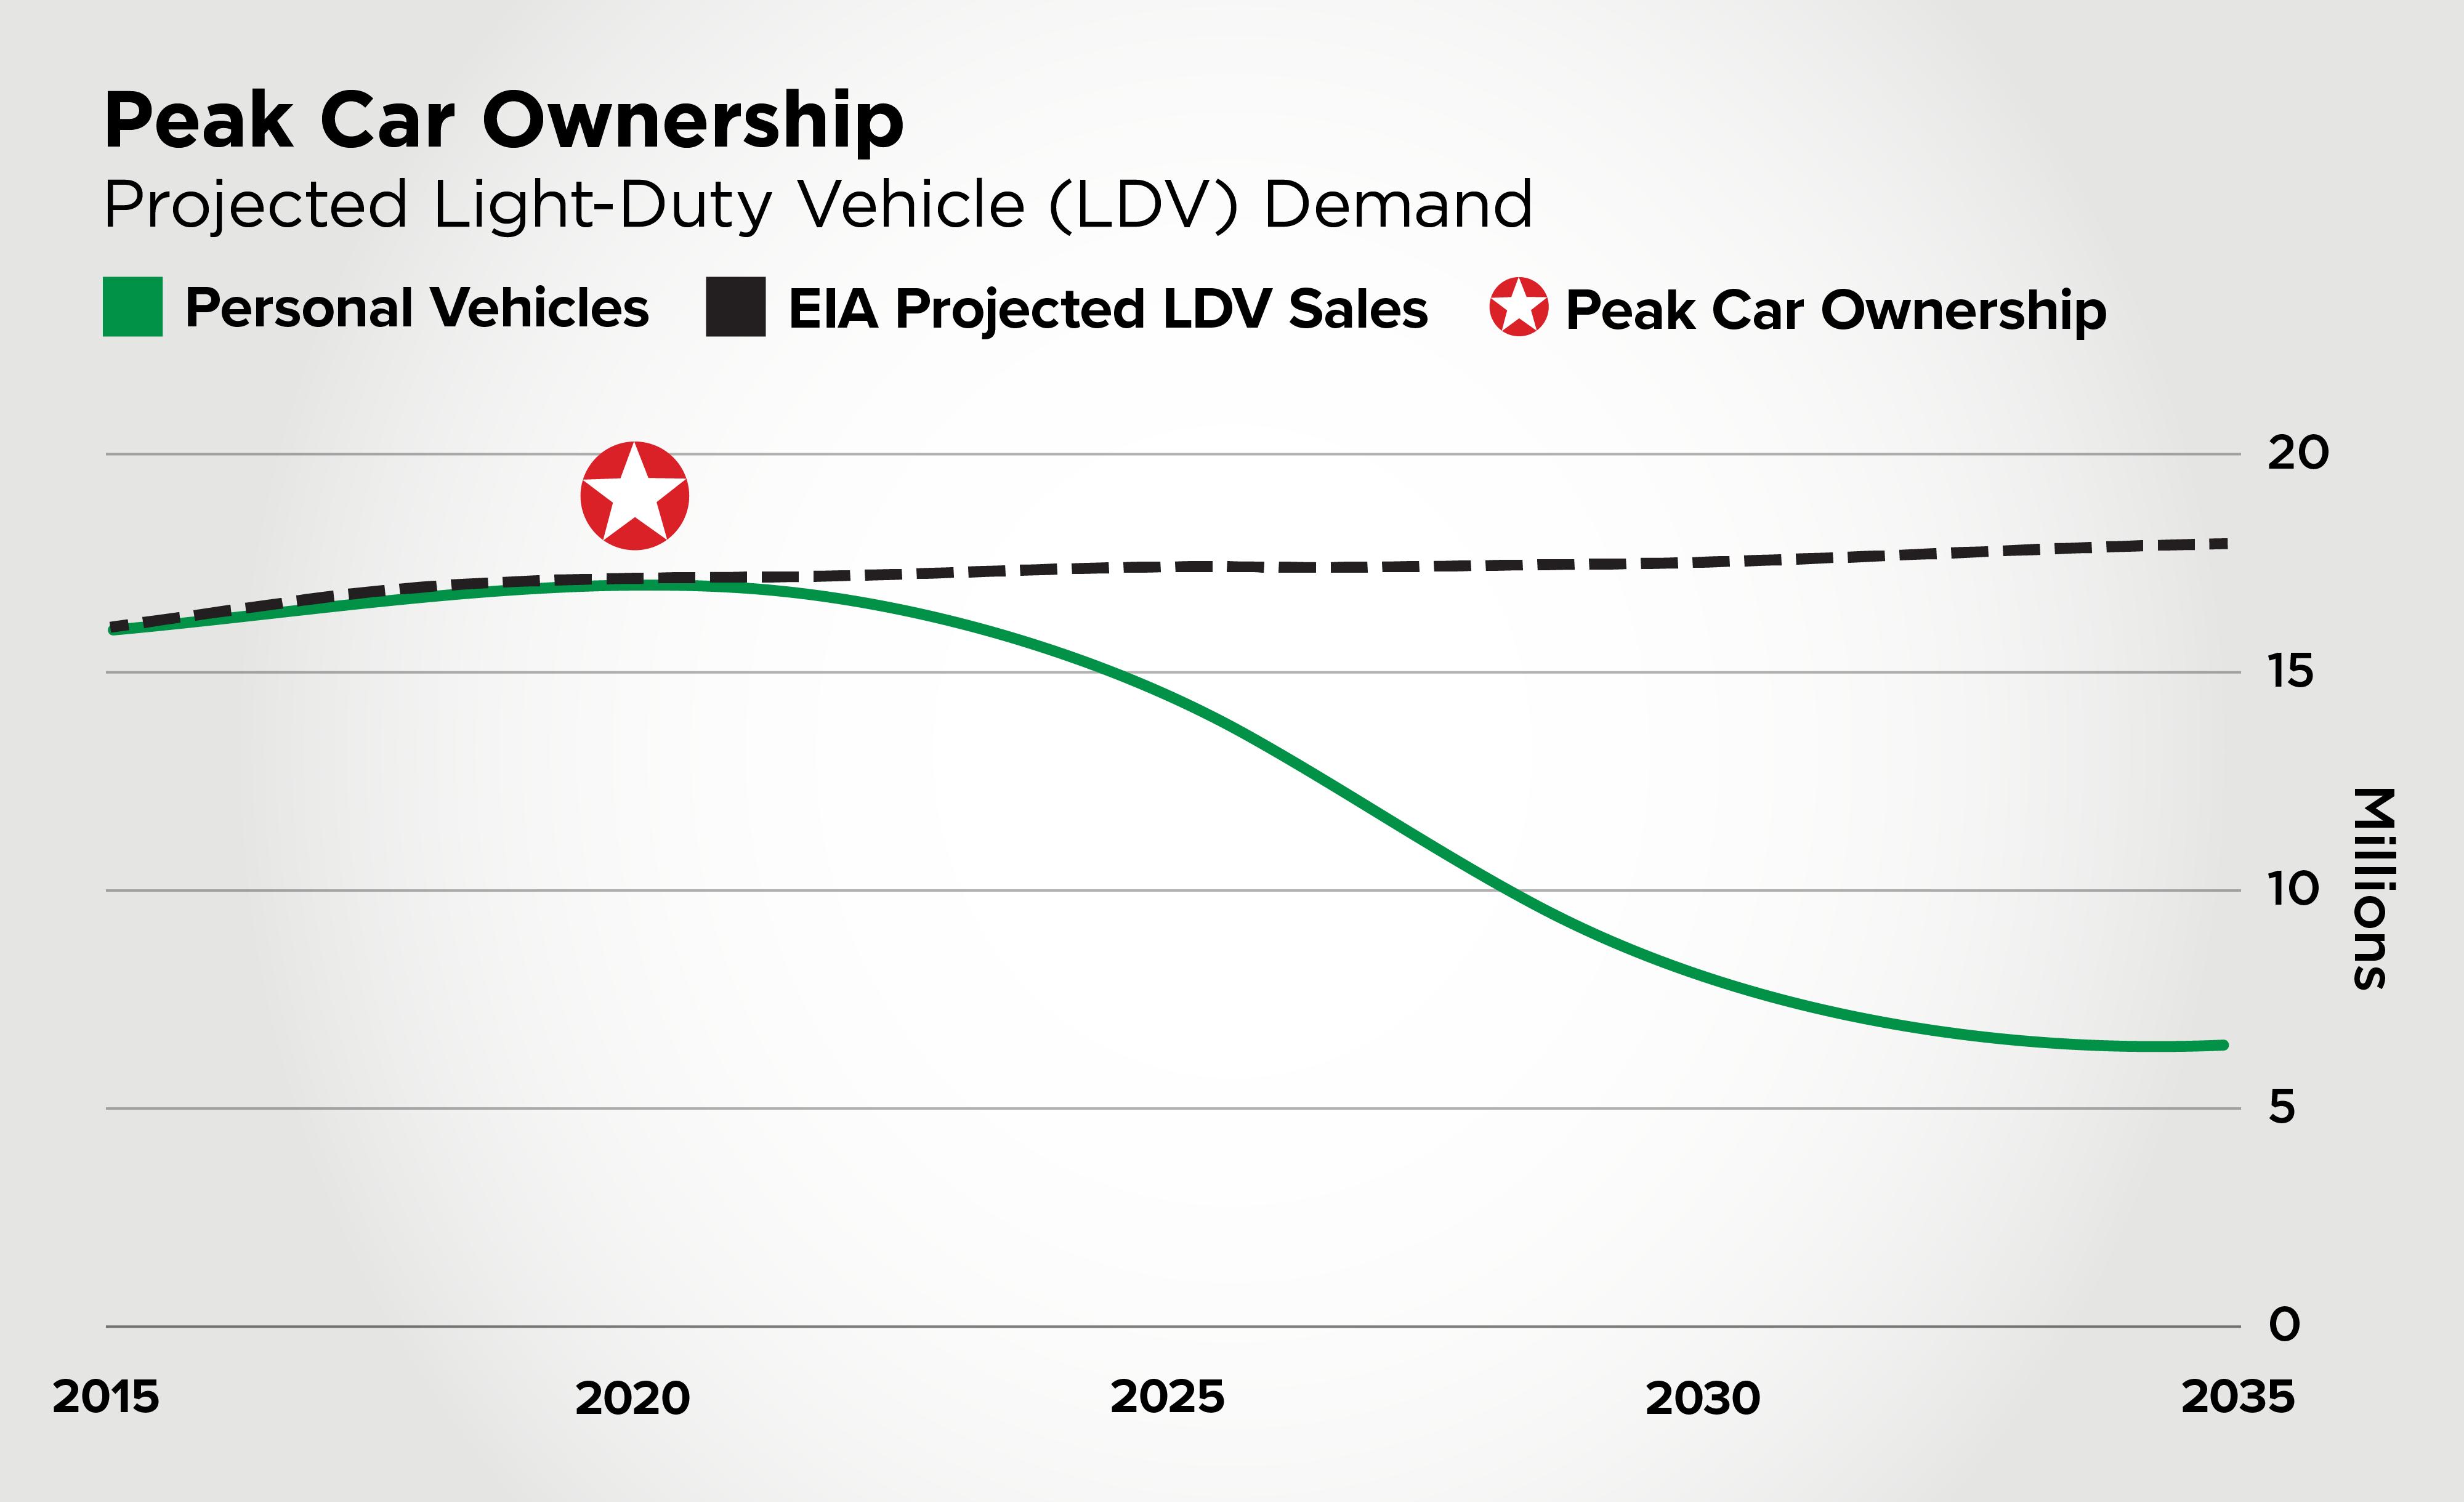 Peak Car Ownership